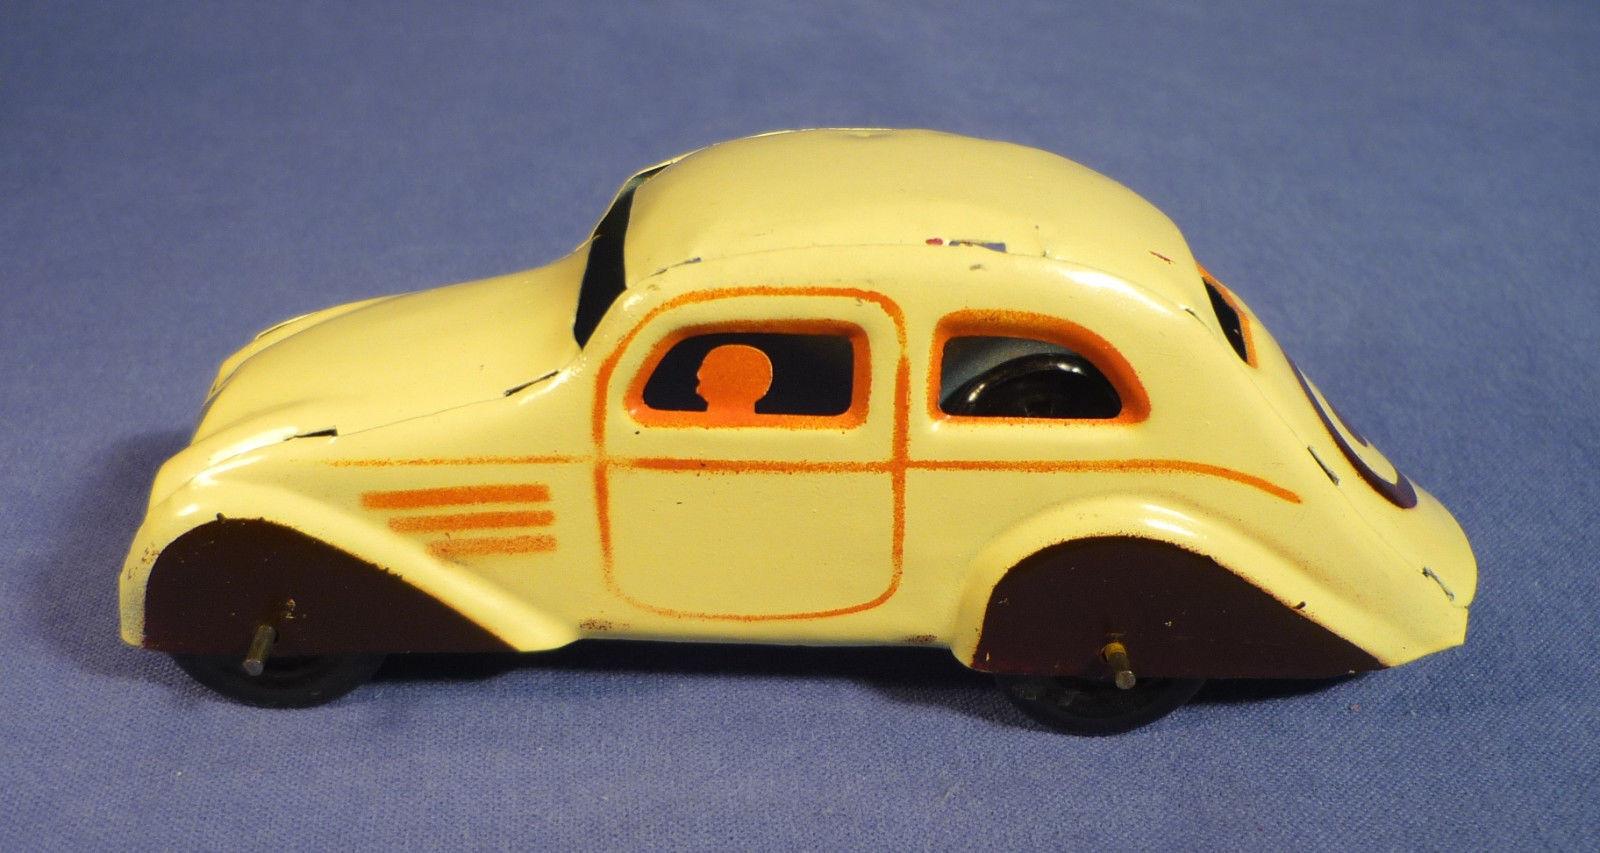 ANTIGUO AUTO ARRASTRE EN LATA PINTADA DE PAYA,AÑOS 30's,GRAN RAREZA POR SU Color